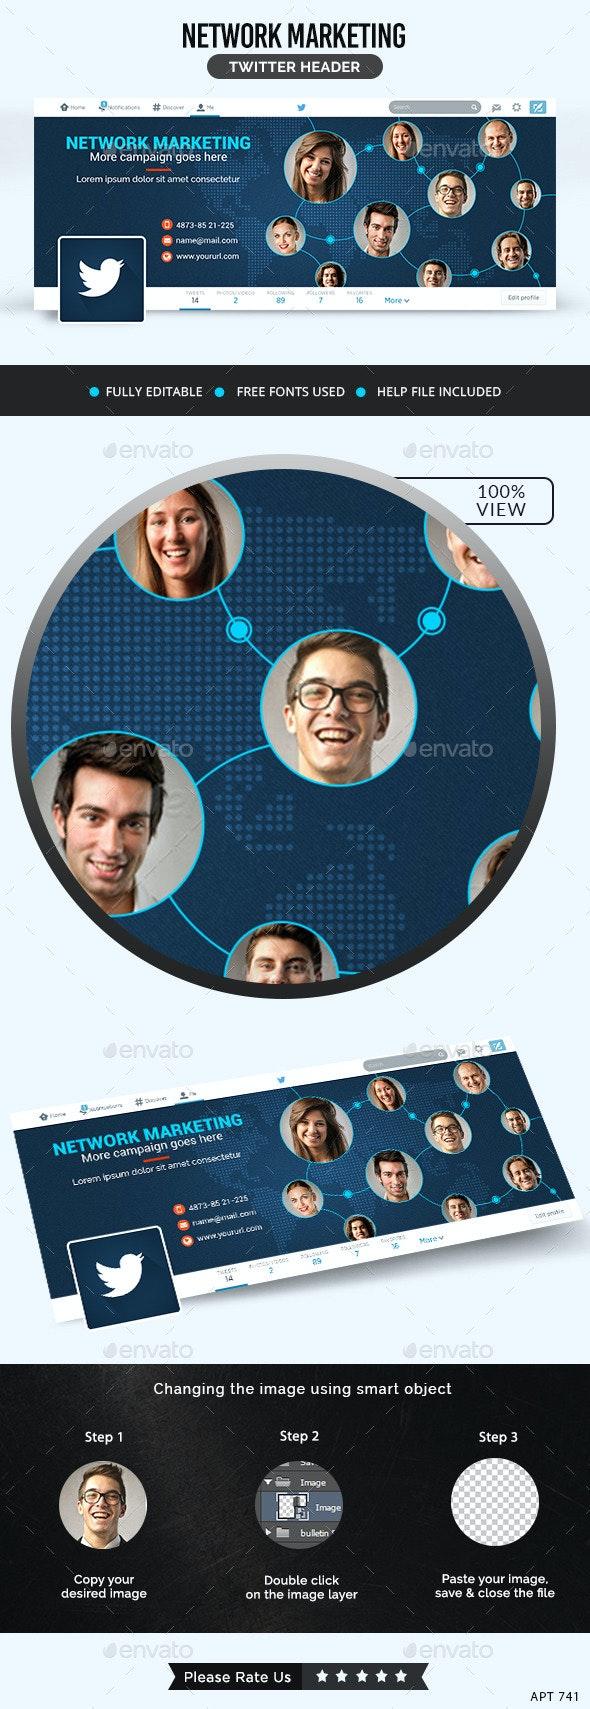 Marketing Twitter Header - Twitter Social Media